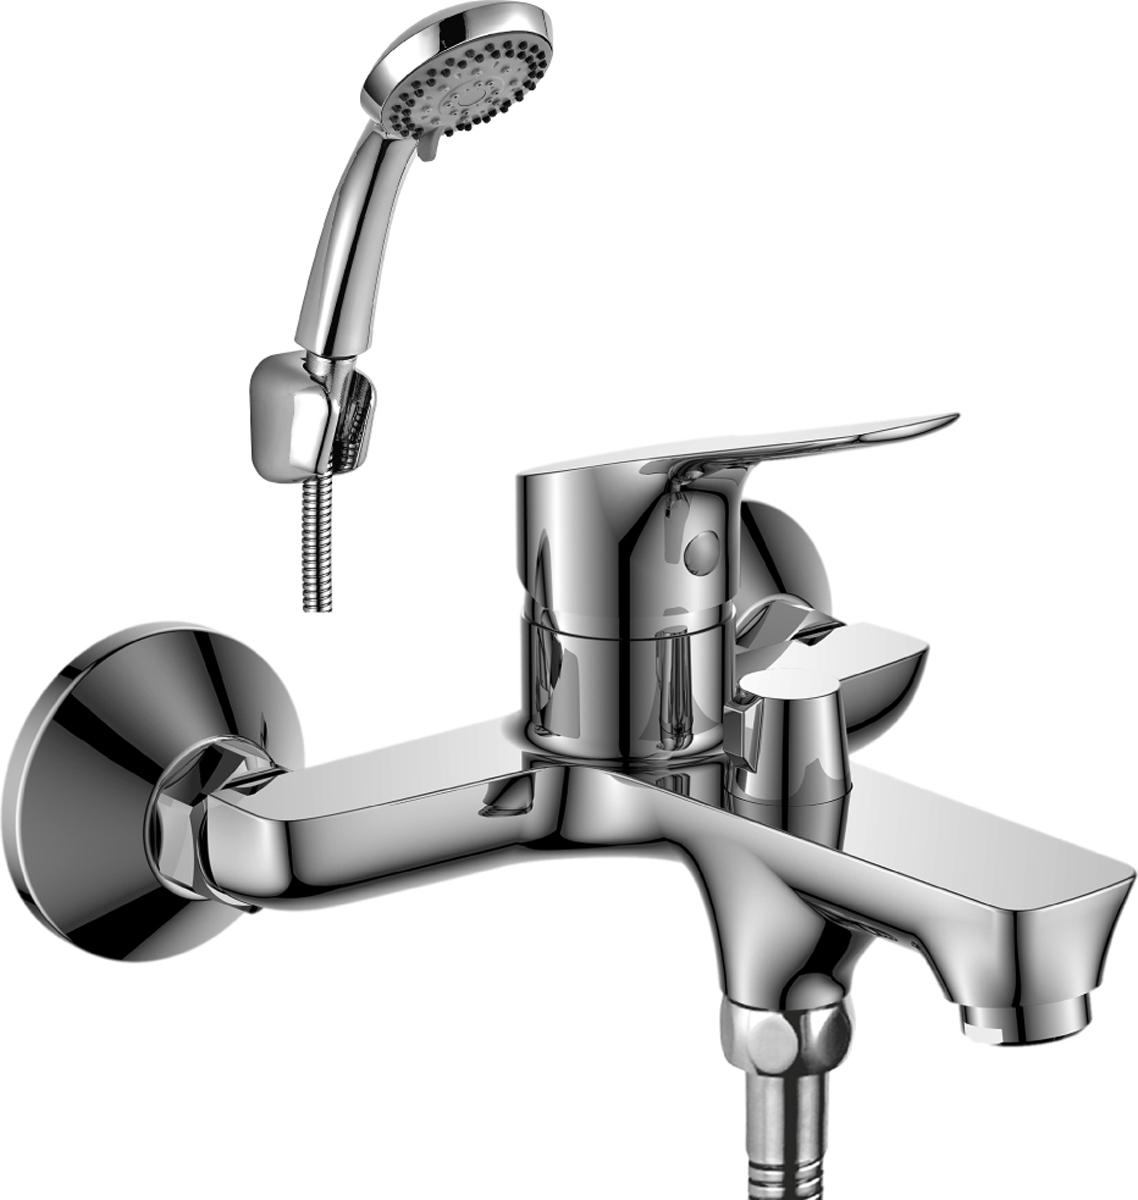 Смеситель Rossinka Silvermix, для ванны. RS29-31RS29-31Смеситель для ванны с монолитным изливом Rossinka Silvermix изготовлен высококачественного металла. Комплектация: Пластиковый аэратор с функцией легкой очистки; Керамический картридж 35 мм; Переключатель с керамическими пластинами; Аксессуары: (шланг 1,5 м, настенное крепление, 5-функциональная лейка с функцией легкой очистки); Присоединительная группа (эксцентрики с отражателями) для вертикального крепления; Металлическая рукоятка. Смесители Rossinka Silvermix были разработаны российским институтом НИИ Сантехники, что позволило произвести продукт, максимально подходящий под условия эксплуатации в нашей стране (жесткая вода, частые перепады температуры и напора воды). НИИ Сантехники рекомендует установку смесителей Rossinka Silvermix в жилых помещениях, в детских, лечебно-профилактических, дошкольных и школьных учреждениях. Наличие международного сертификата ISO 9001 гарантирует стабильность качества выпускаемой продукции. Сервисная сеть насчитывает 90 гарантийных мастерских по России и странам СНГ. Плановый срок службы смесителей 30 лет. Гарантия на корпус смесителя при условии использования в бытовых условиях 7 лет.